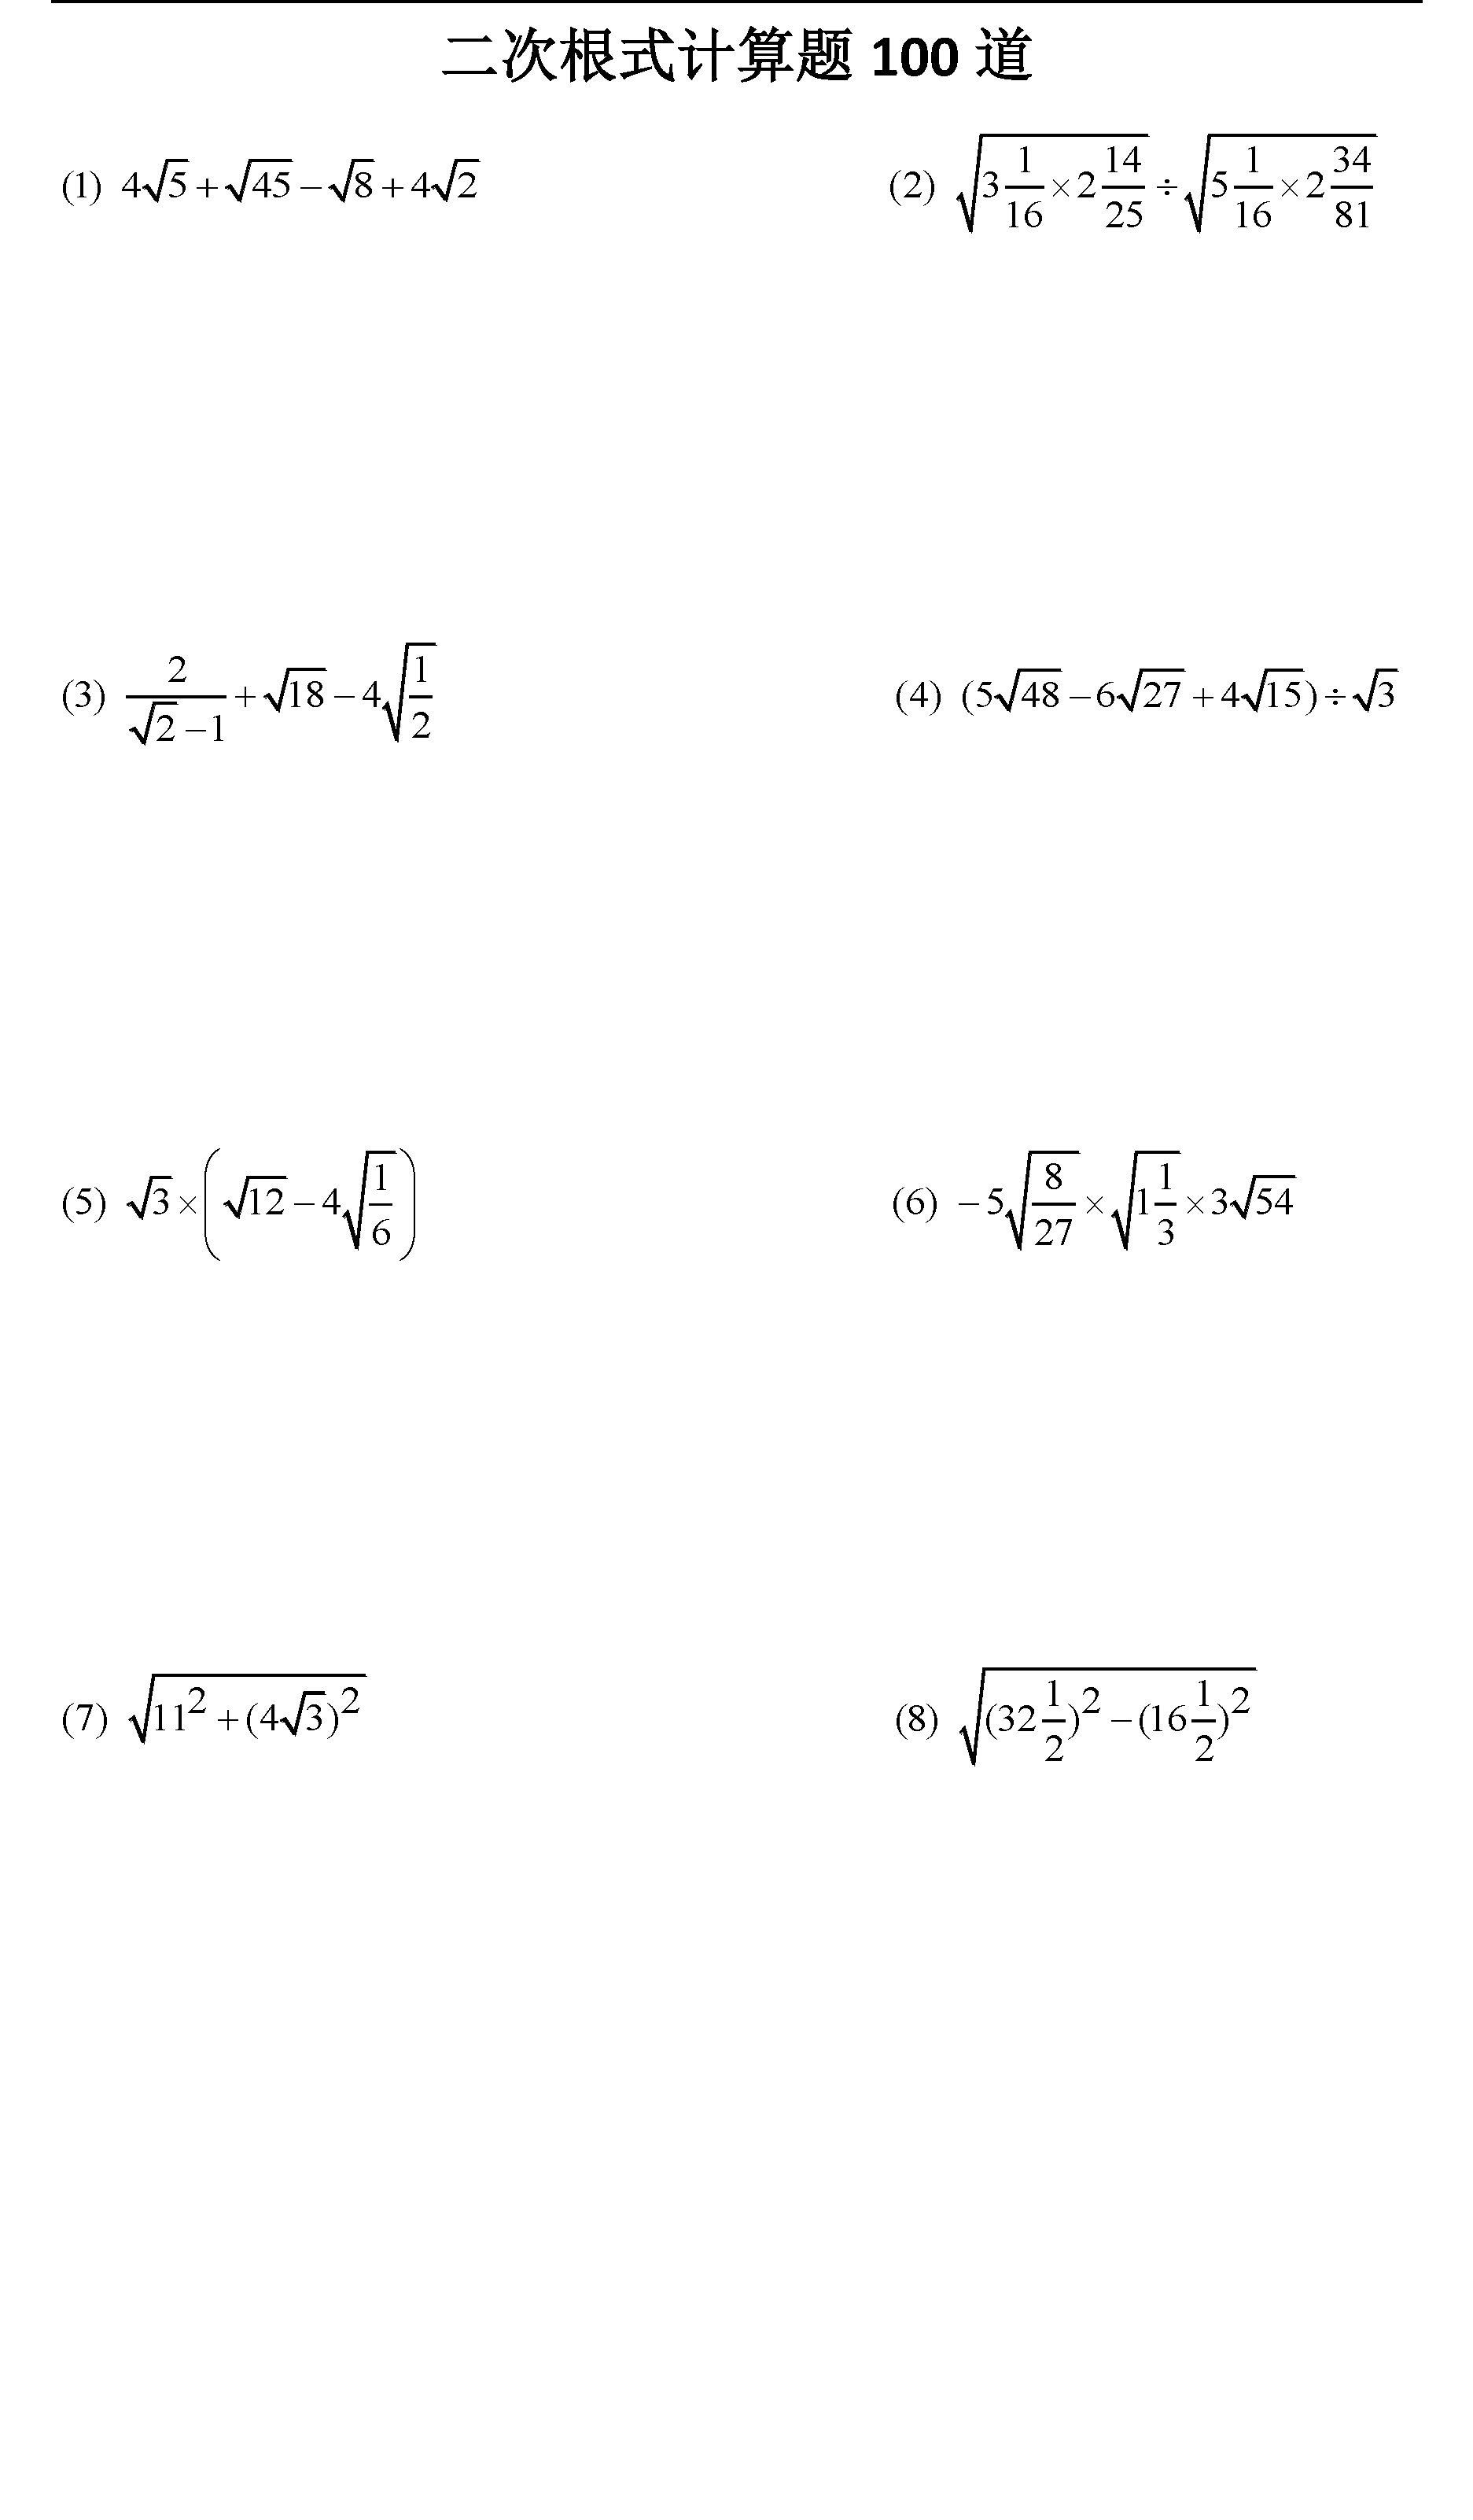 初中数学二次根式计算题100道(含答案)